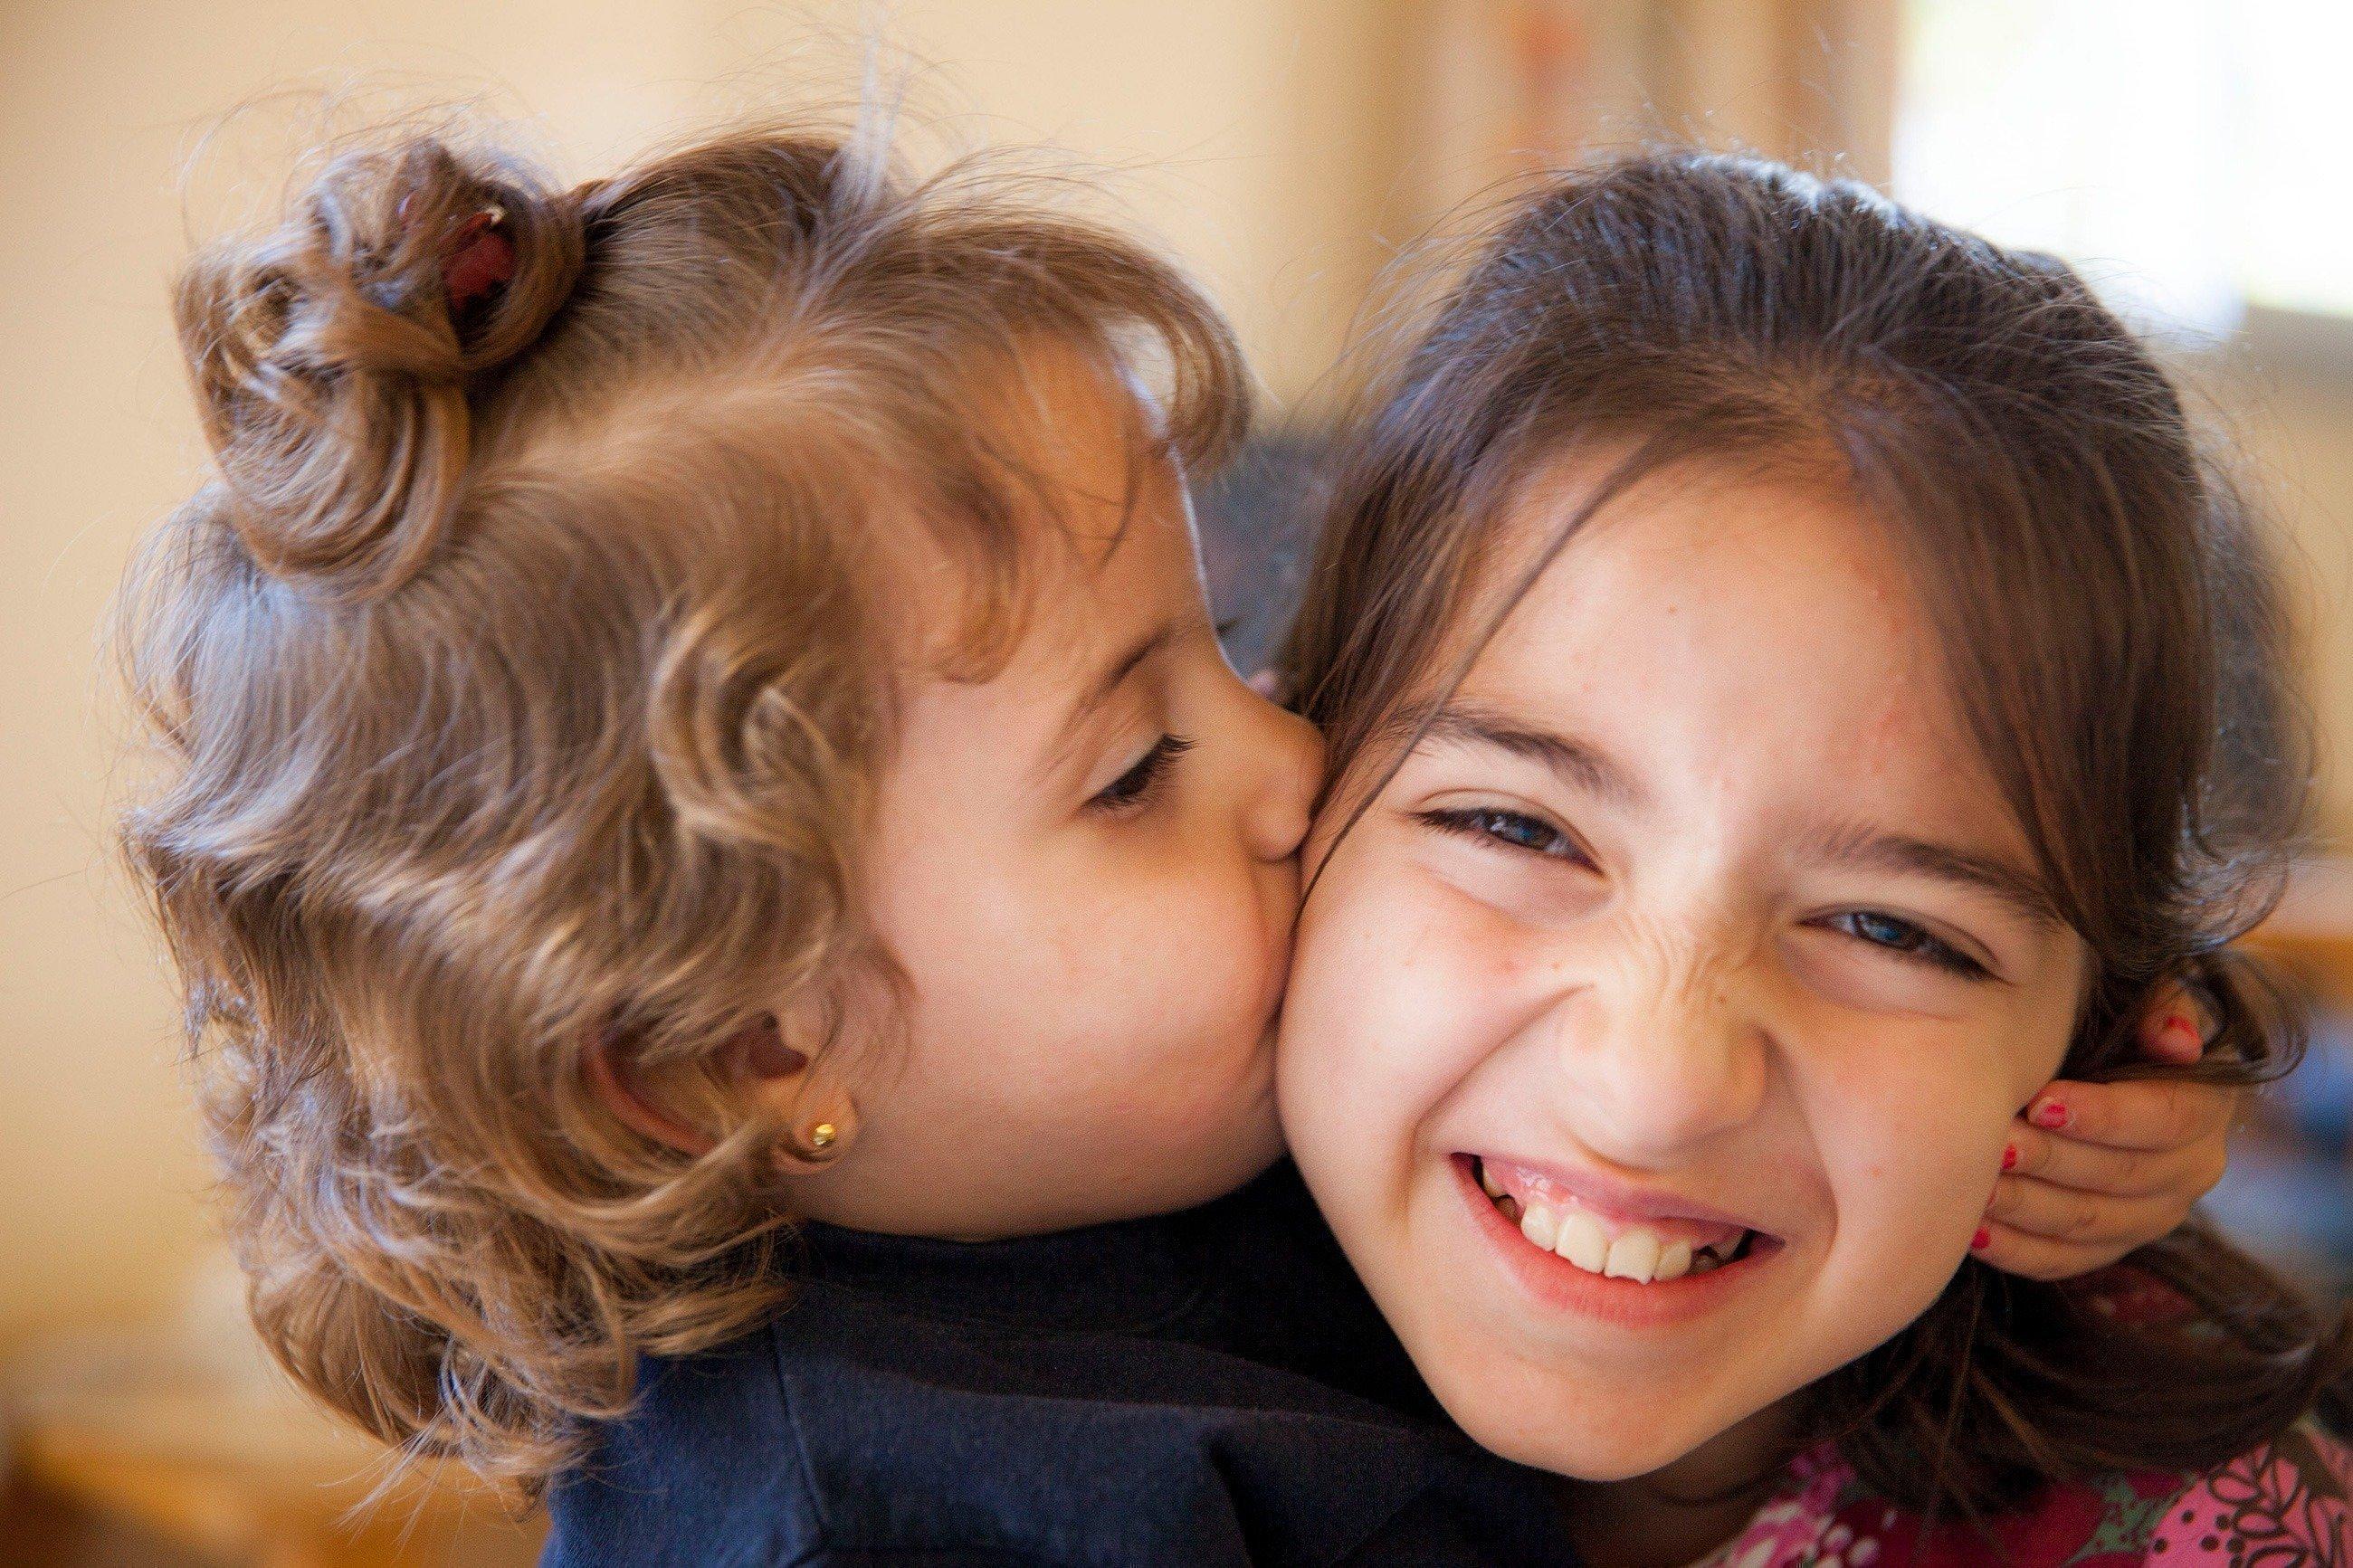 Une petite fille embrasse une autre fillette sur la joue.